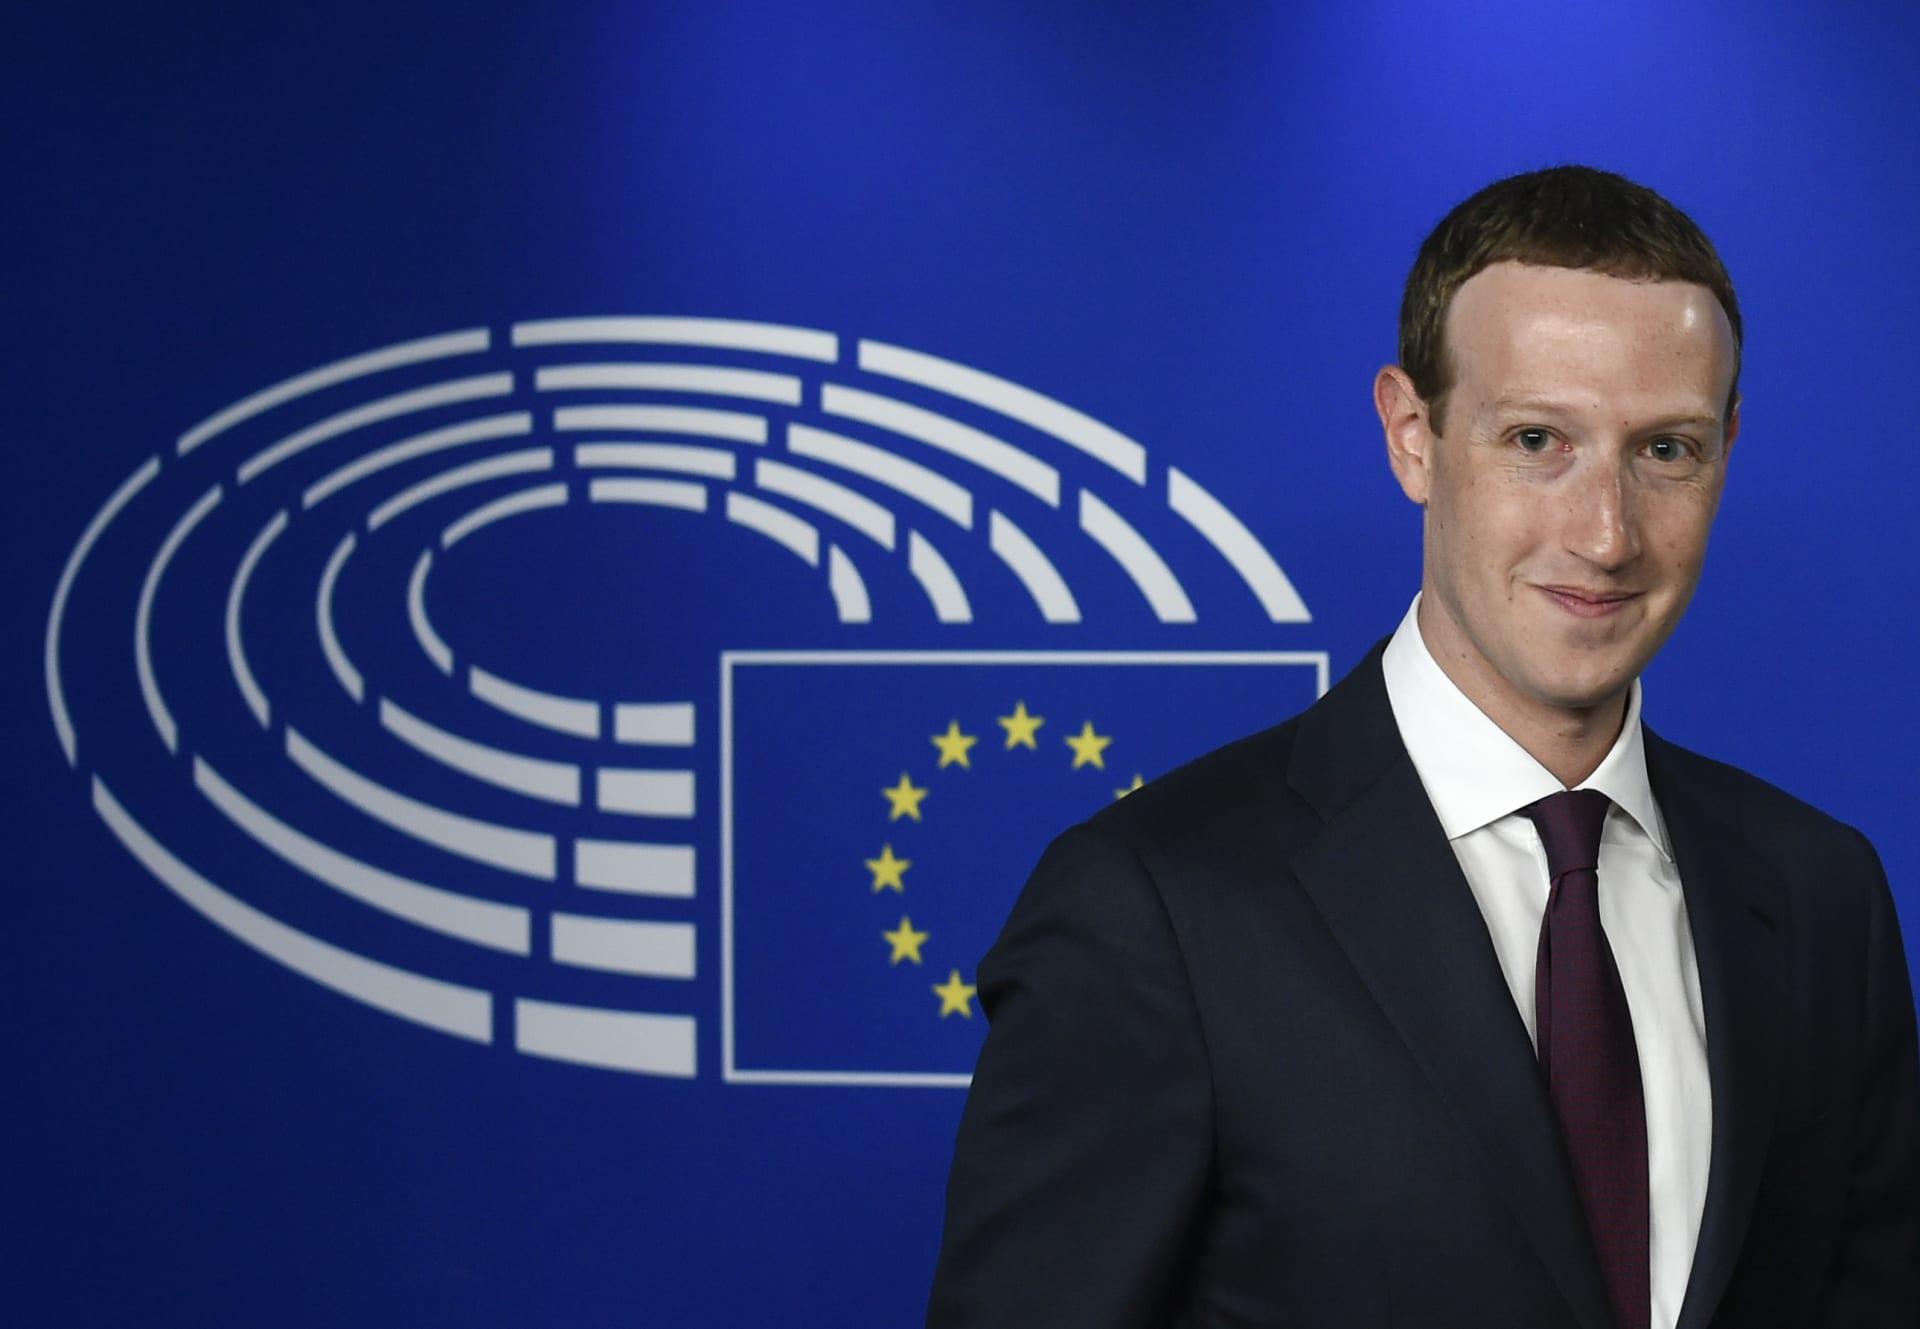 مارك زوكربيرغ يعتذر أمام البرلمان الأوروبي.. ويؤكد: حماية الناس أهم من الربح